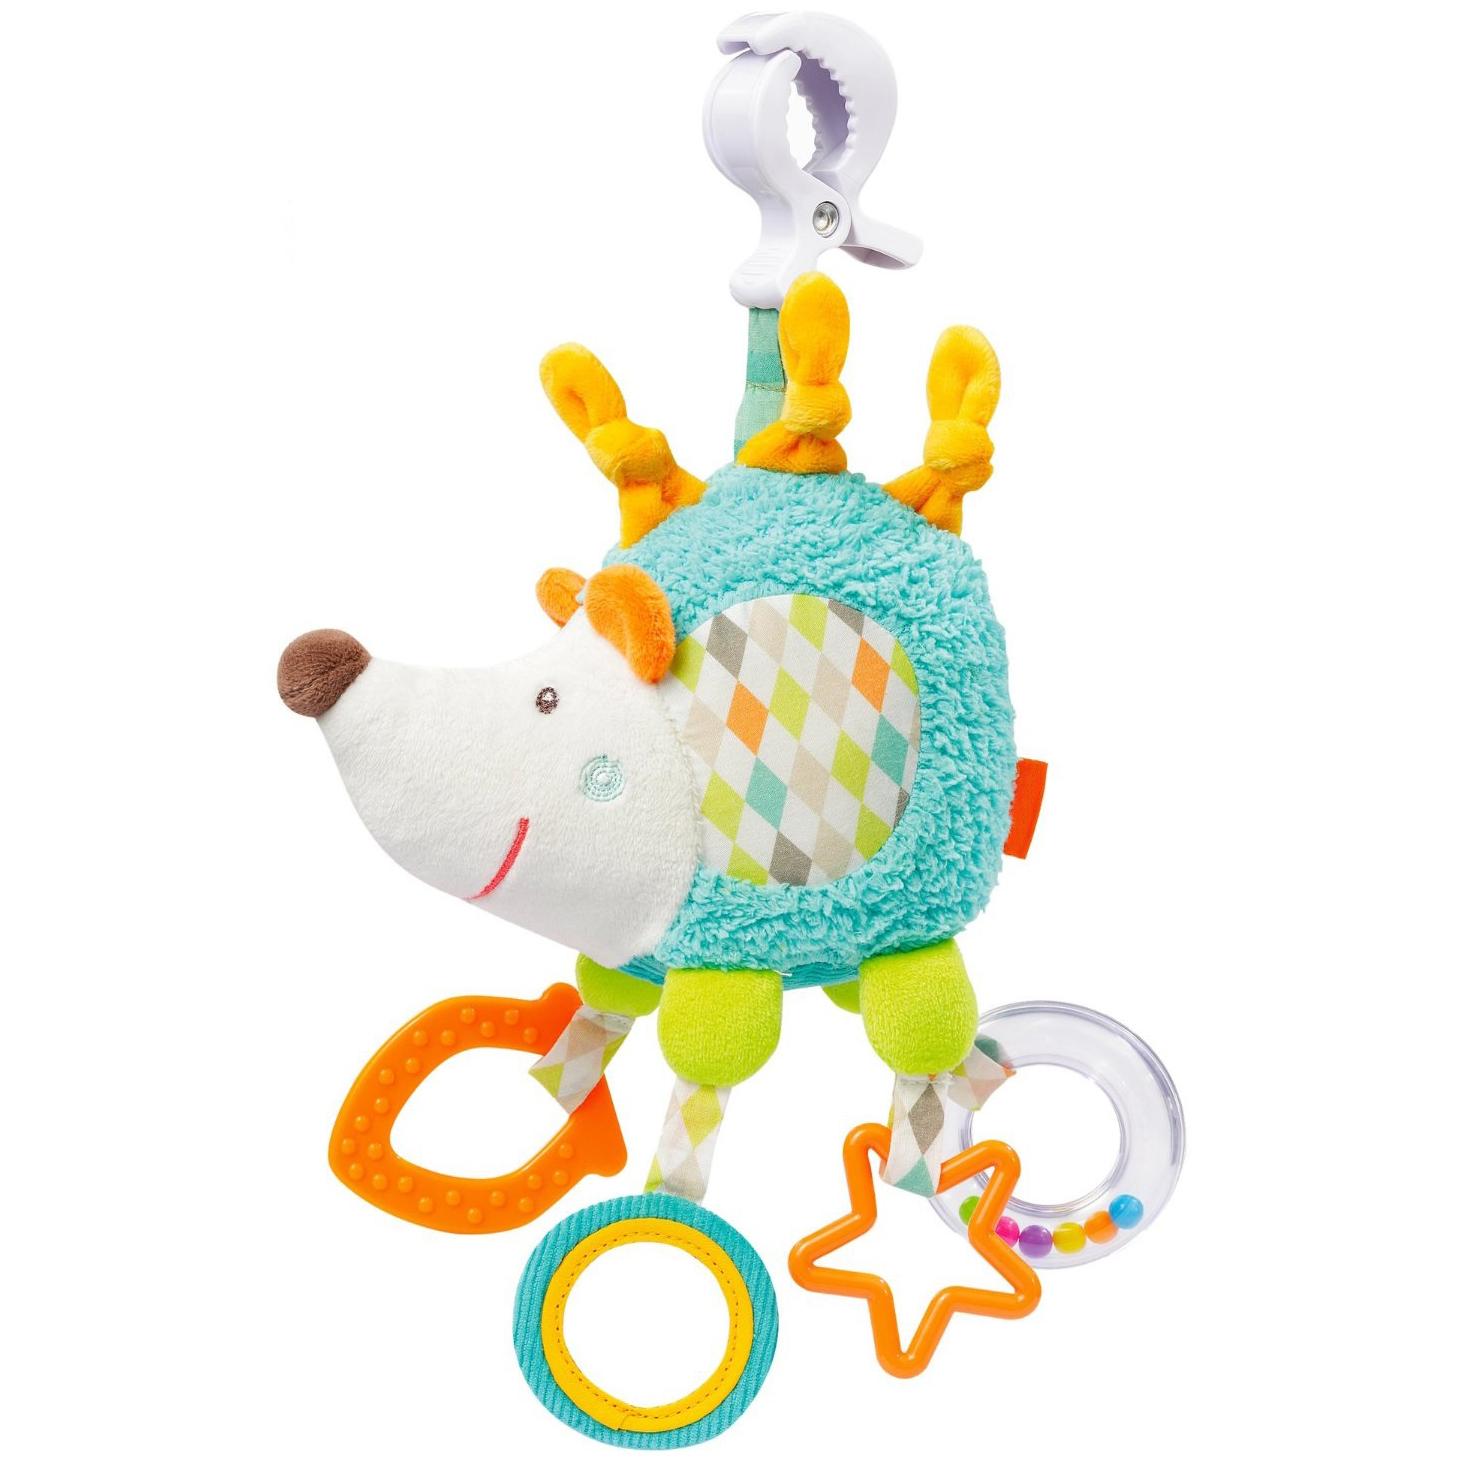 Развивающая игрушка Baby Fehn Еж Арт.: 071177 (12 шт)